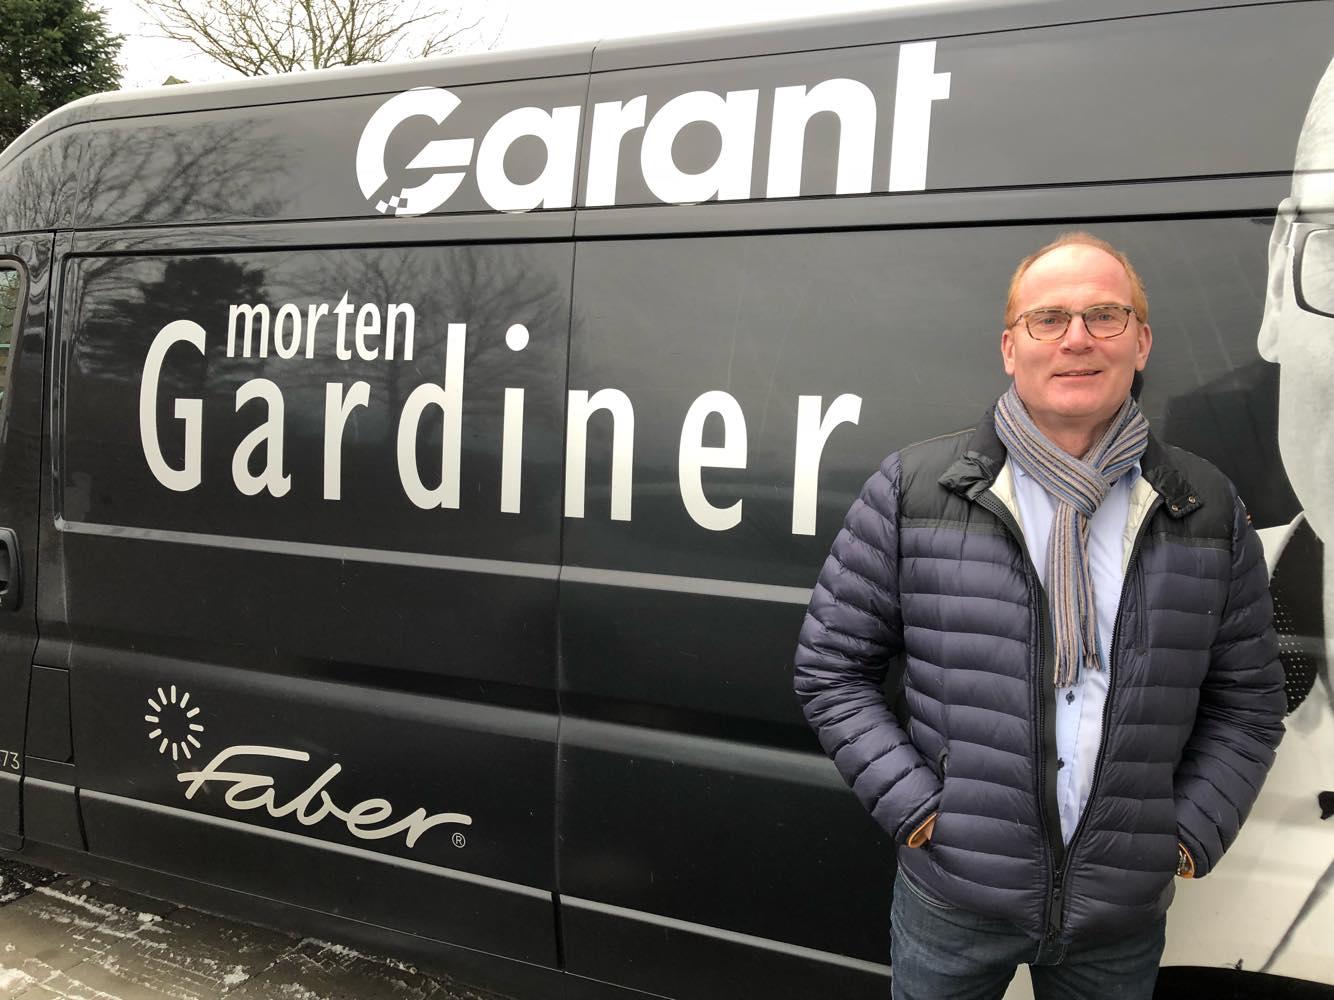 Garant Morten gardiner Holstebro